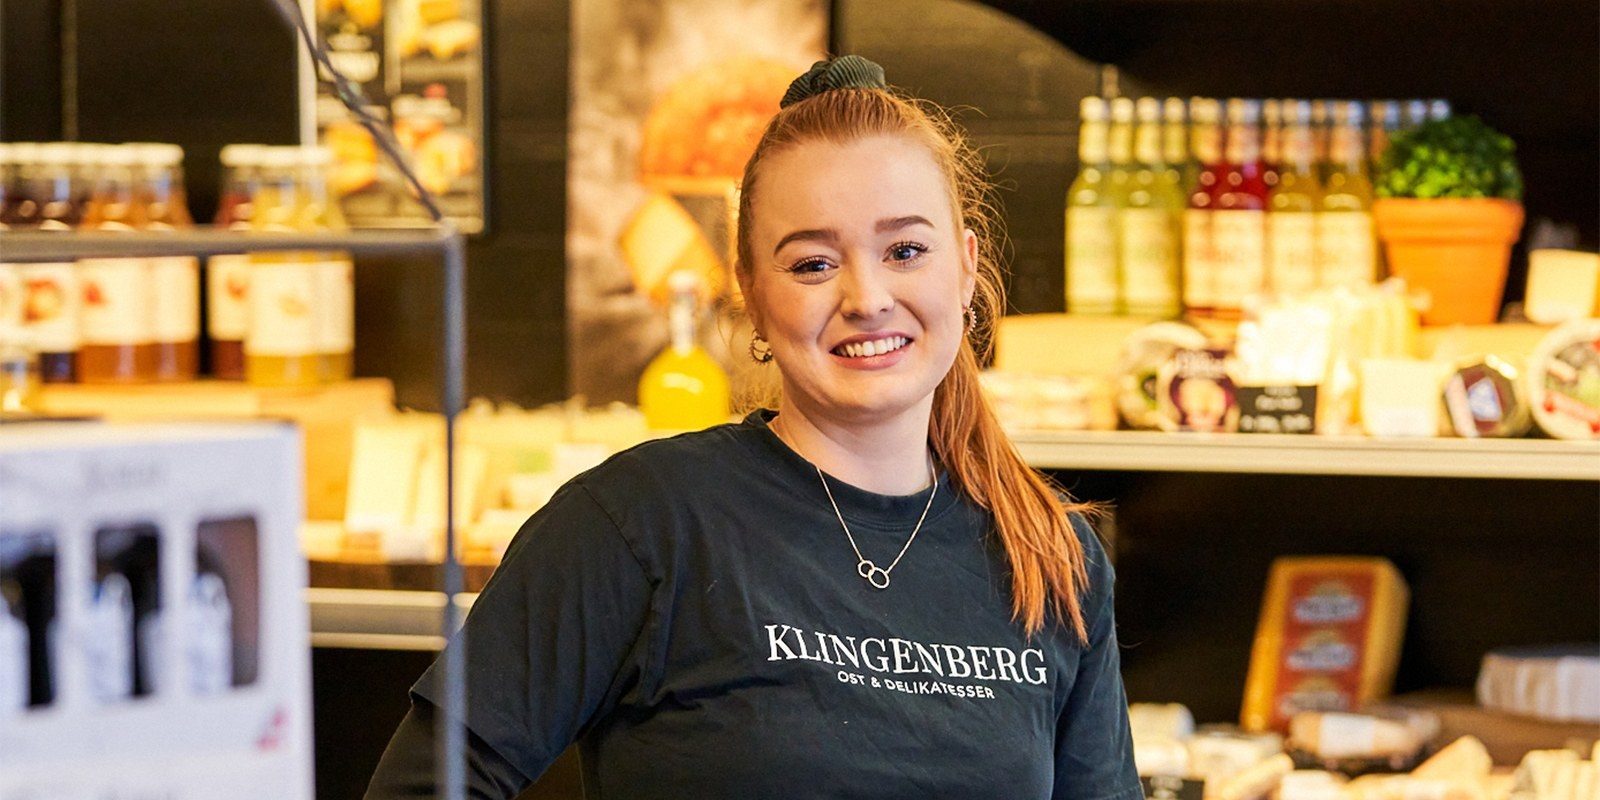 Klingenberg Ost Sofie